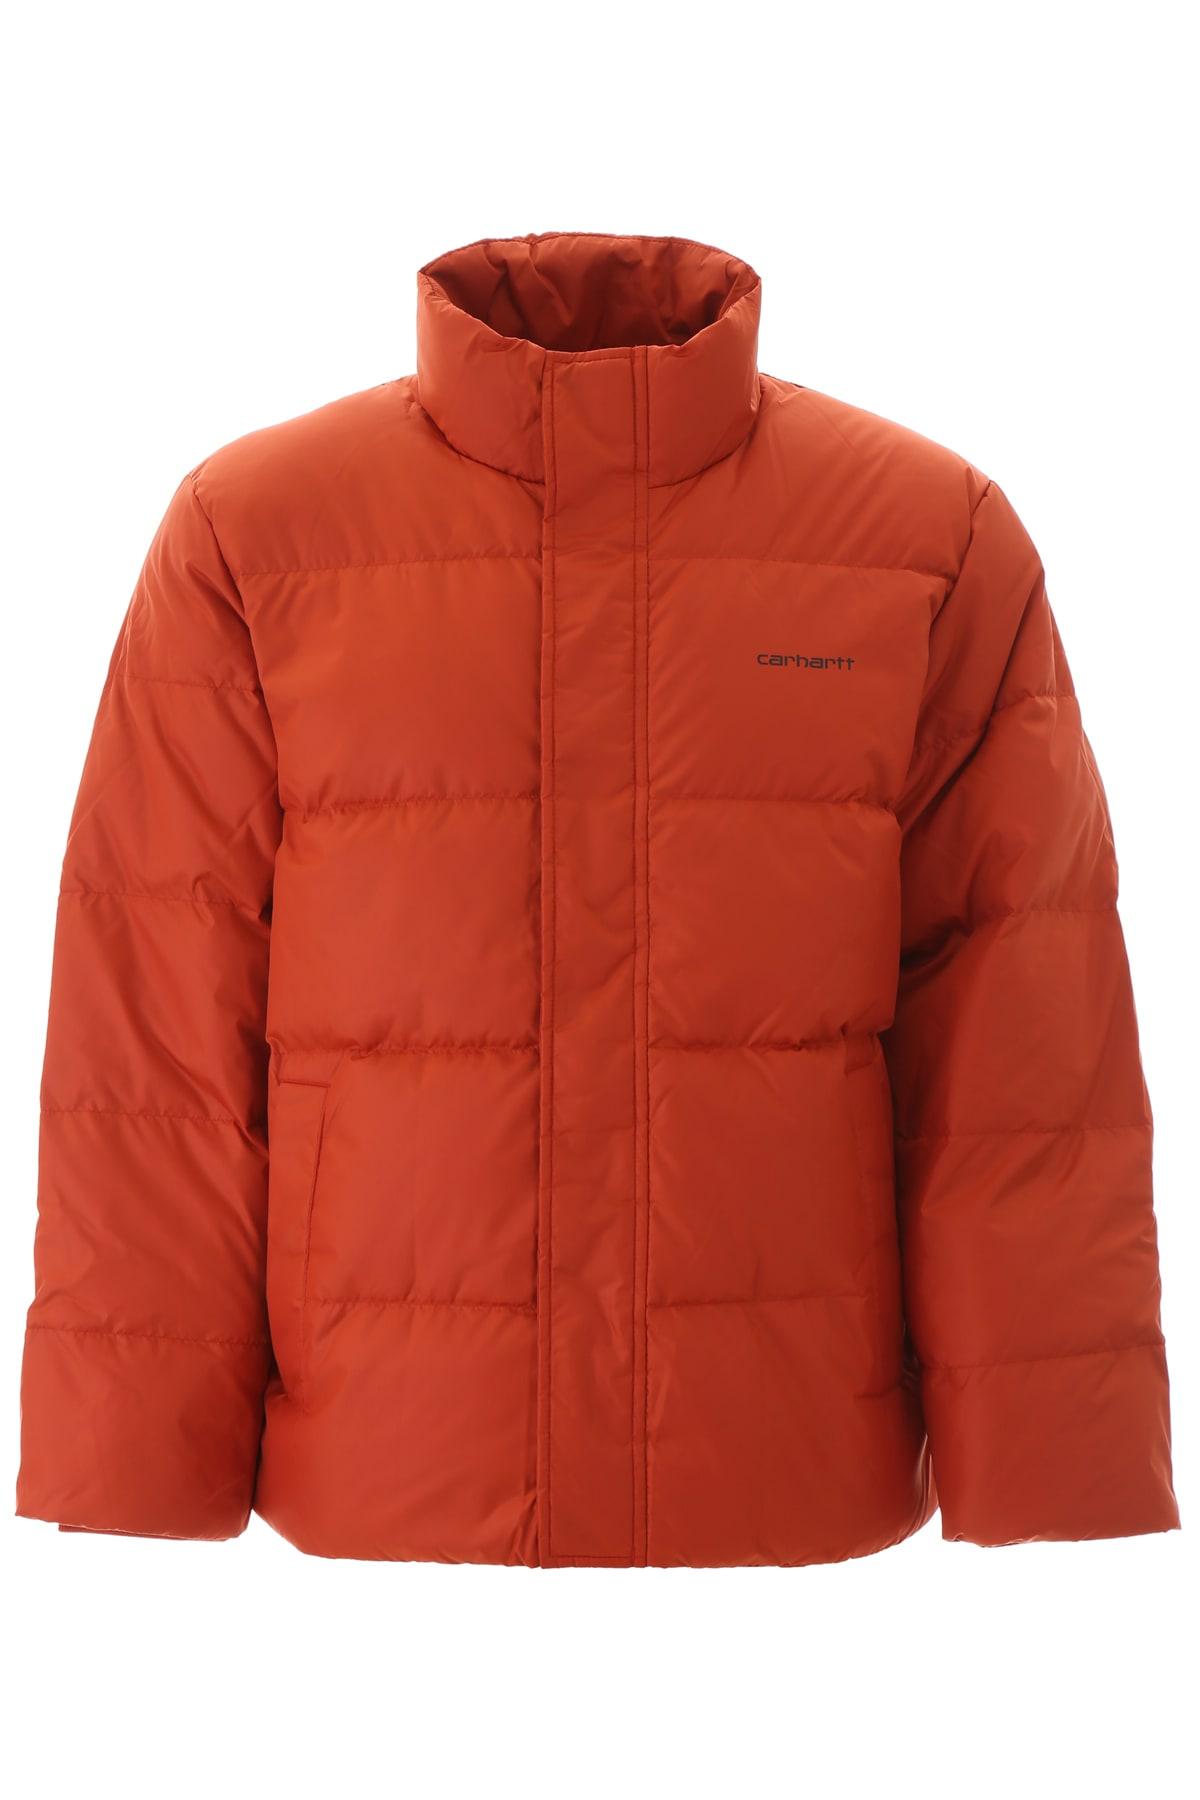 Carhartt Puffer Jacket